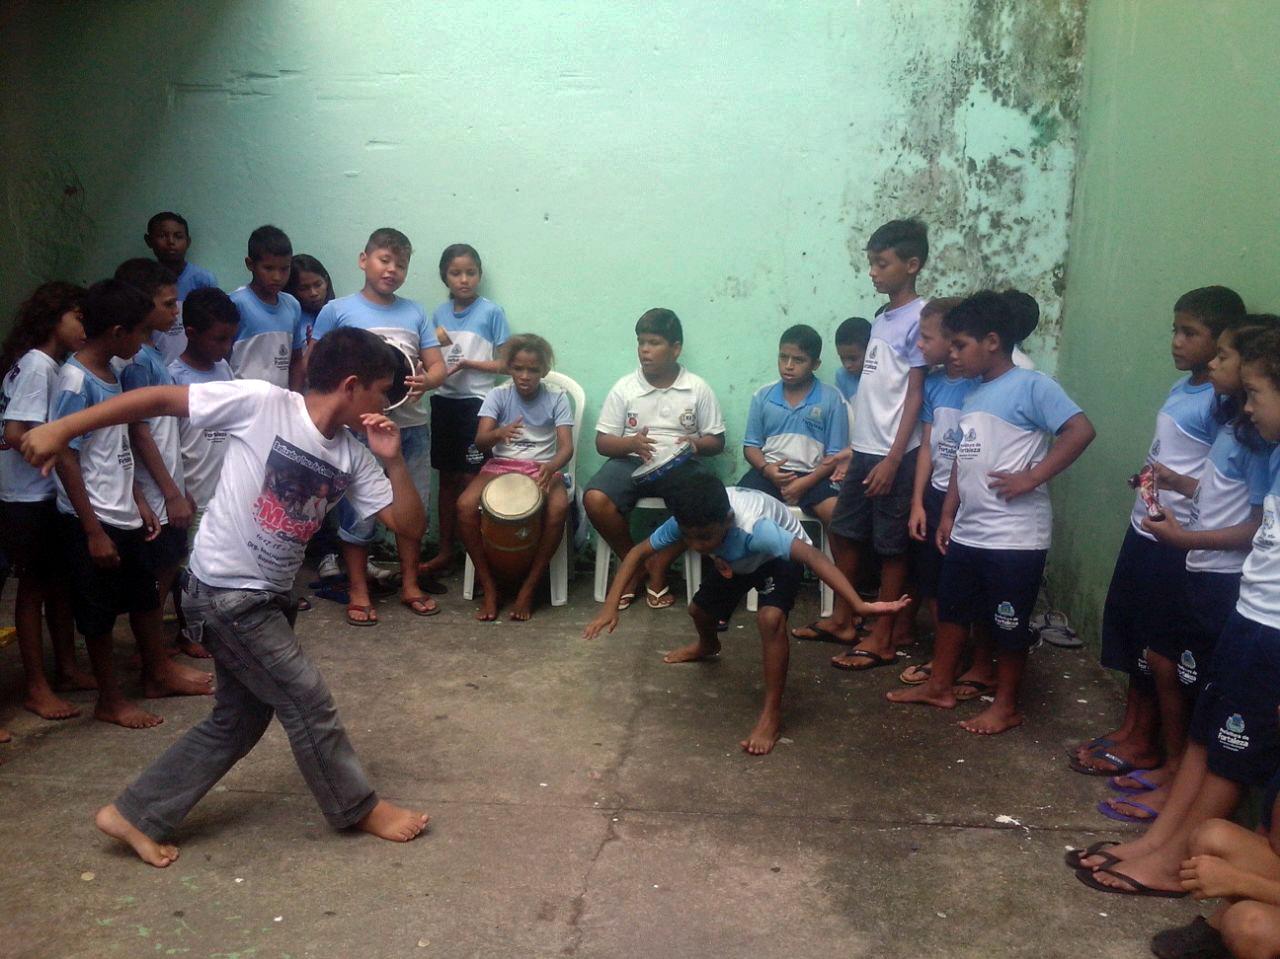 Um grupo de aproximadamente 20 crianças realiza uma roda de capoeira no pátio da escola.